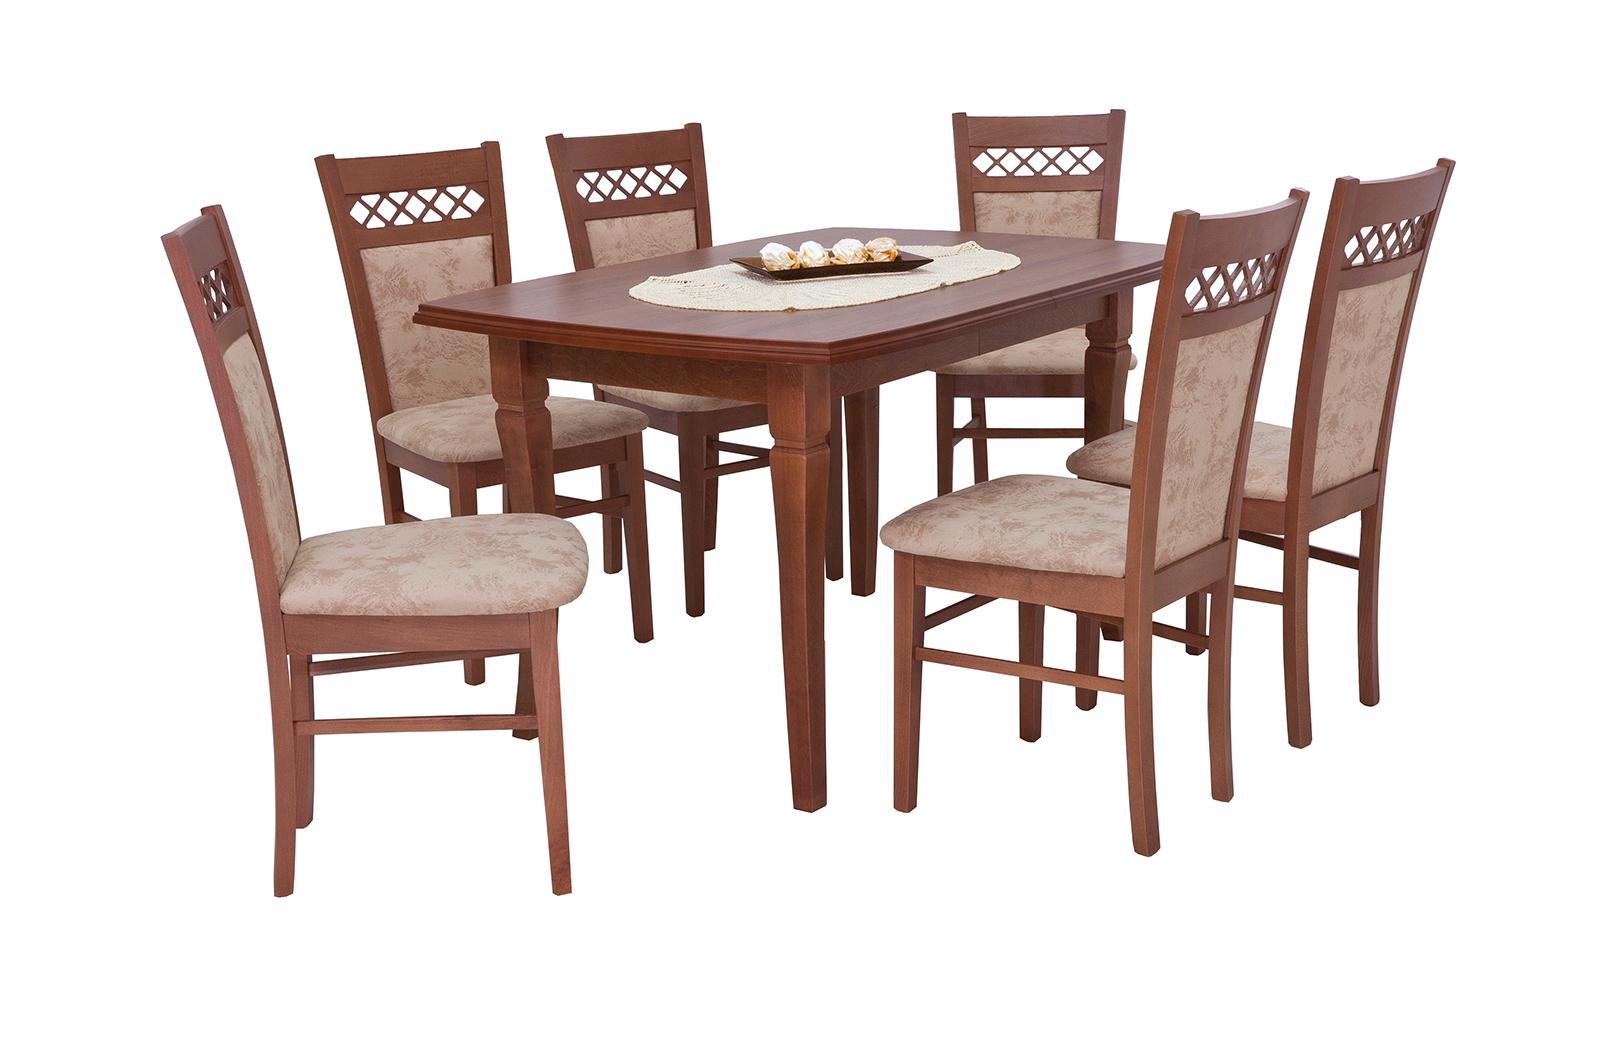 Esstisch Mit 6 Stühlen Ausziehbare Tisch Esszimmertisch